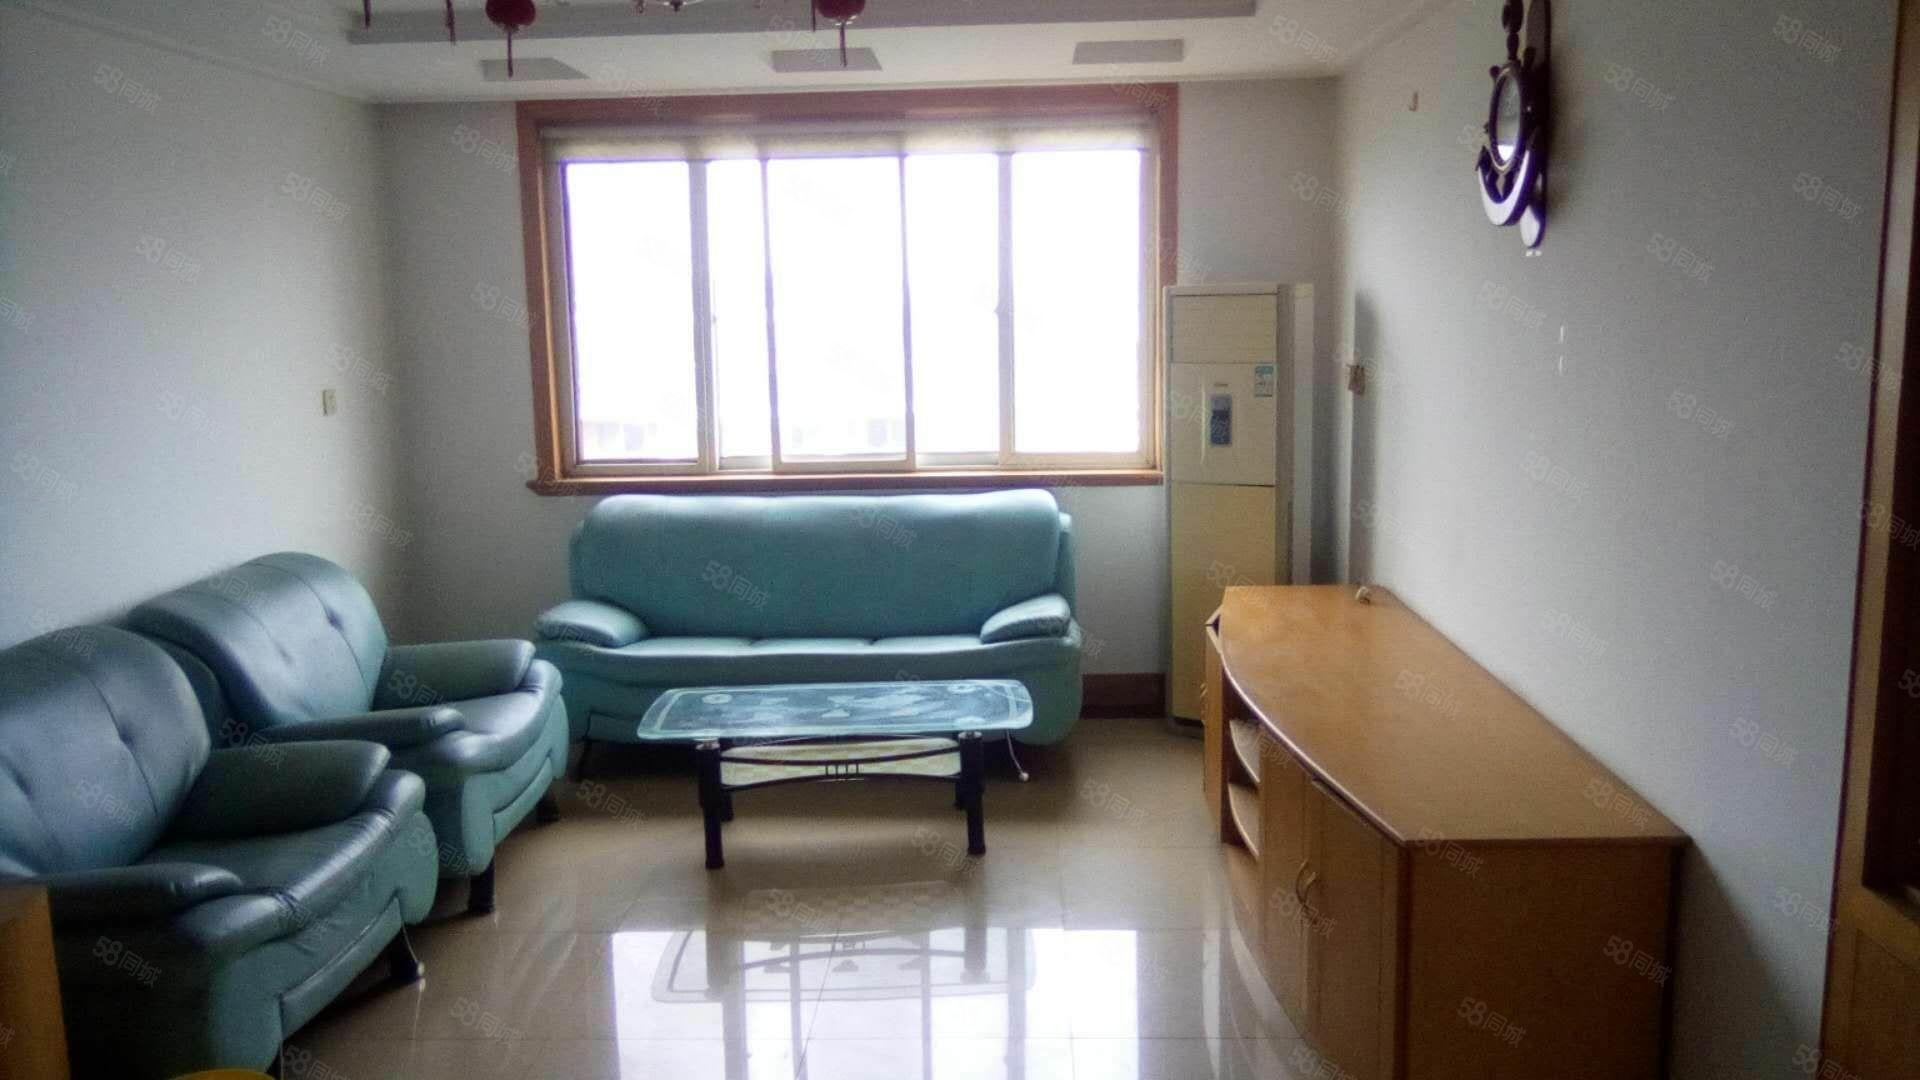 西园小区5楼,报价92万,3室2厅2卫,储藏室20平方。